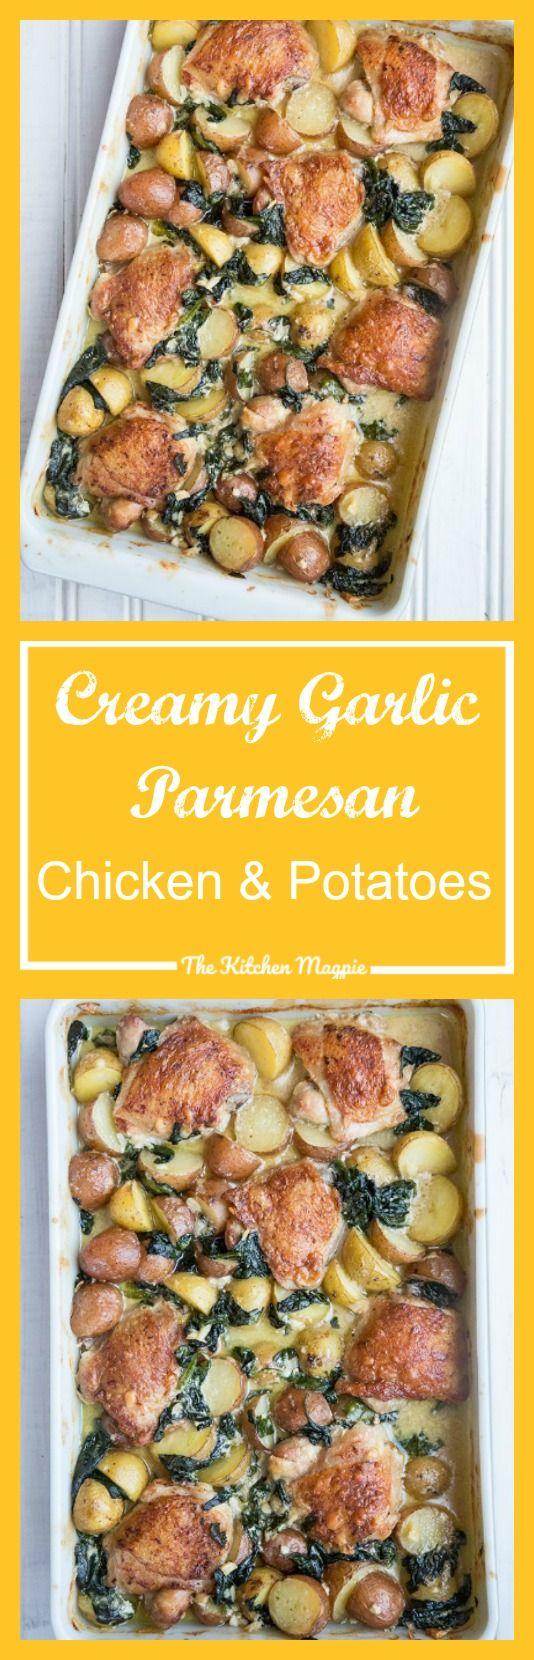 Creamy Garlic Parmesan Chicken & Potatoes - The Kitchen Magpie